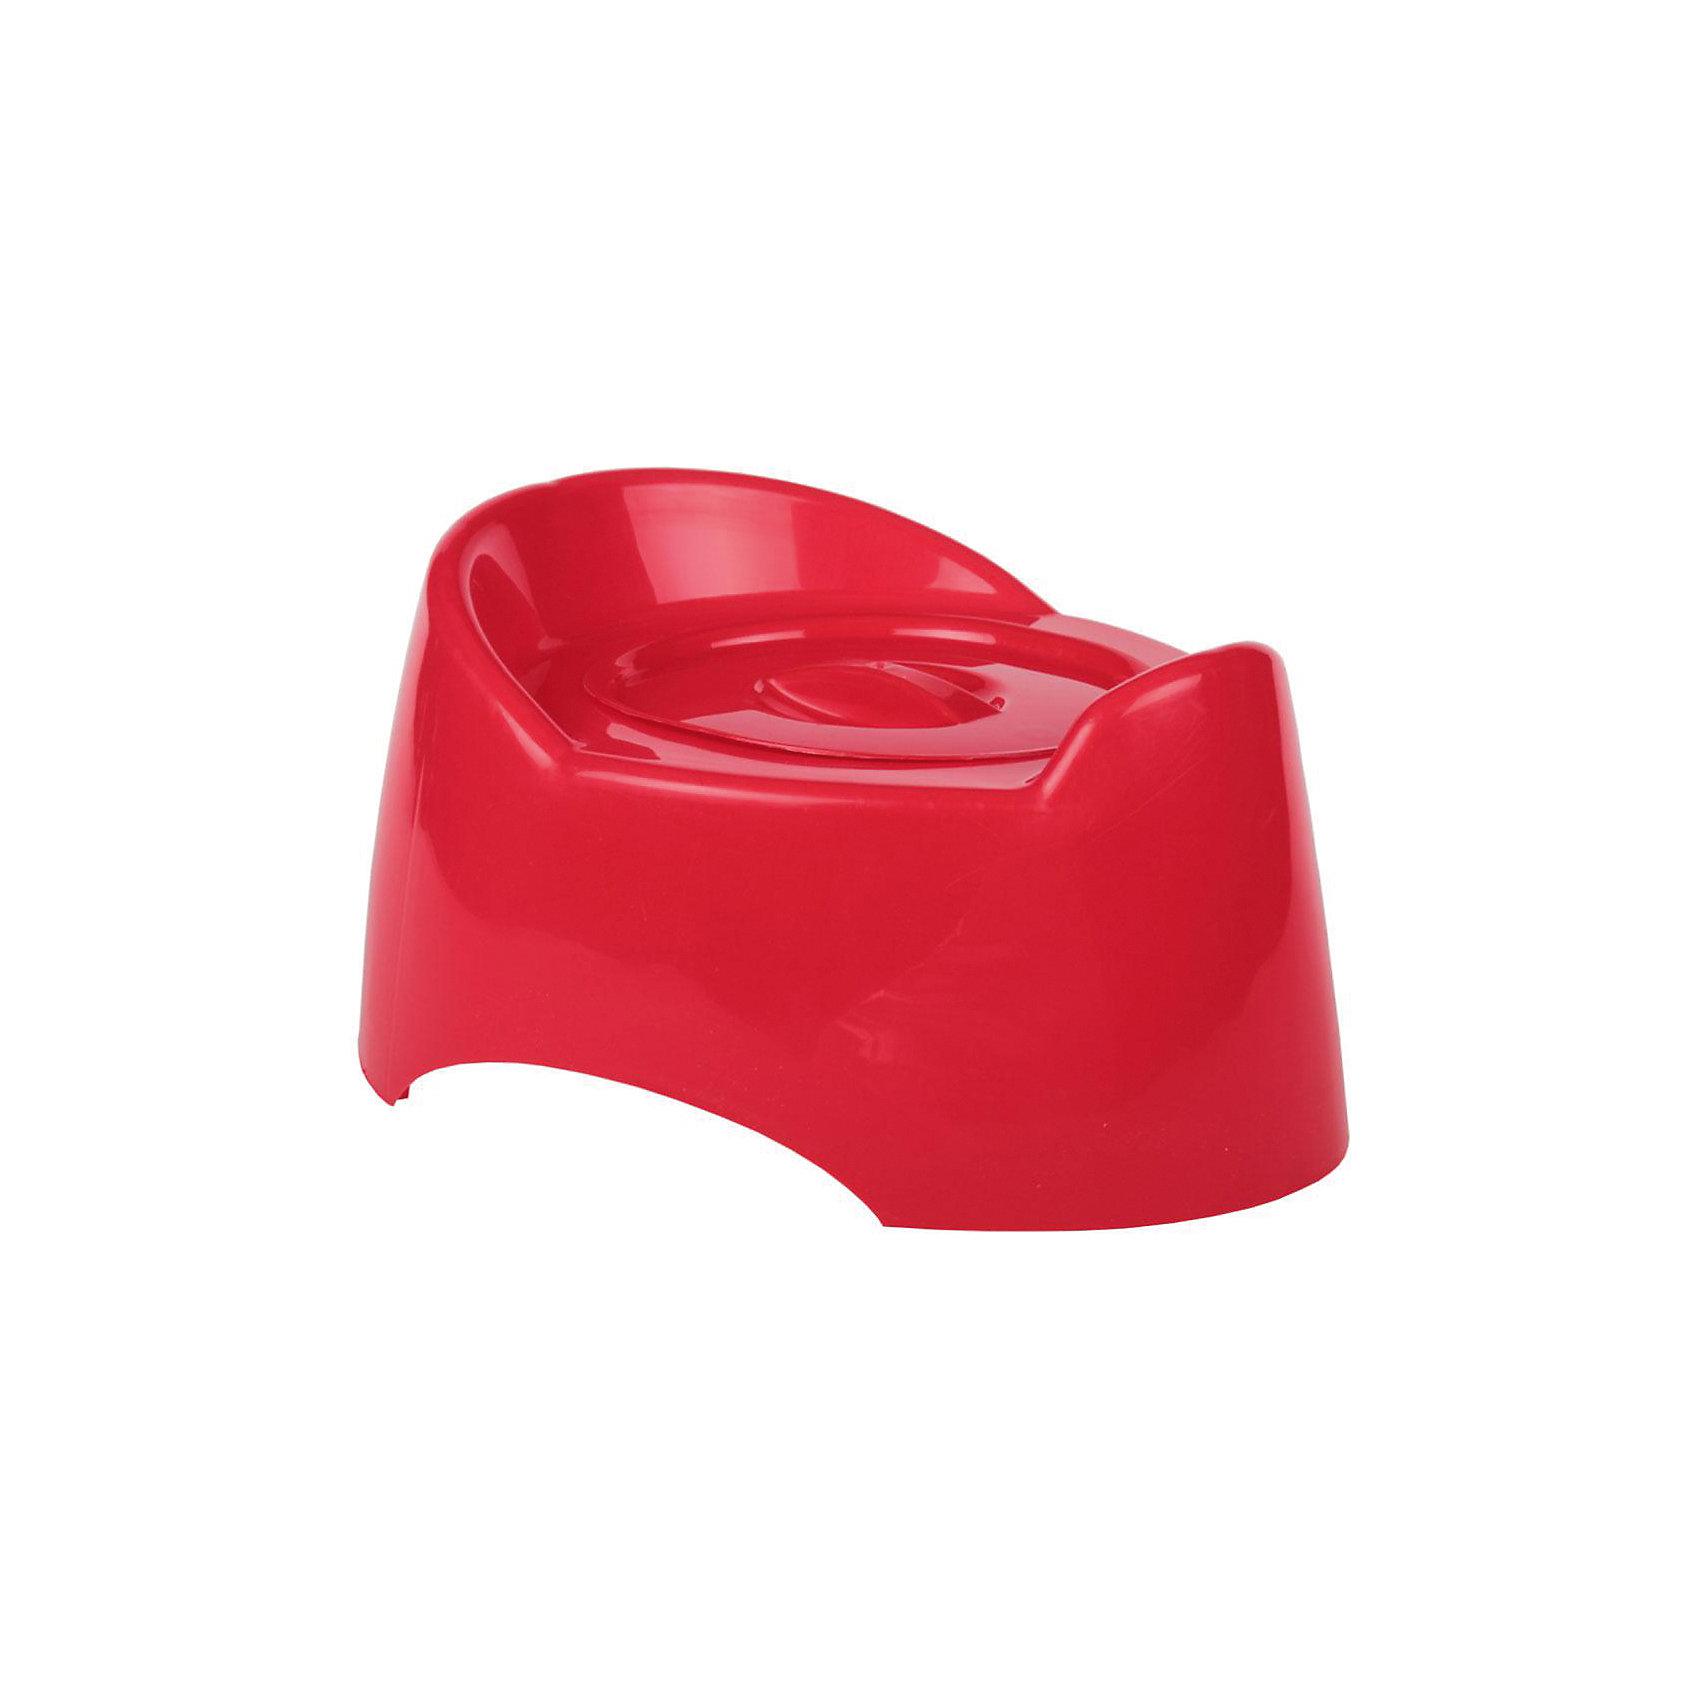 Горшок туалетный Малышок с крыш., Alternativa, красныйГоршок туалетный Малышок с крышкой, Alternativa, красный сделан из пластика, абсолютно безопасного для детей. Имеется небольшой выступ для спинки и выступ между ног. Прилагается крышка.  Горшок Малышок отлично подойдет для того, чтобы приучить ребёнка ходить в туалет самостоятельно. <br><br>Дополнительная информация:<br>-Размер(ШхДхВ):14,3 х23,7х20 см<br>-Цвет: красный<br>-Марка: Alternativa<br><br>Горшок туалетный Малышок с крышкой, Alternativa, красный вы можете приобрести в нашем интернет-магазине.<br><br>Ширина мм: 237<br>Глубина мм: 200<br>Высота мм: 143<br>Вес г: 220<br>Возраст от месяцев: -2147483648<br>Возраст до месяцев: 2147483647<br>Пол: Женский<br>Возраст: Детский<br>SKU: 5096510